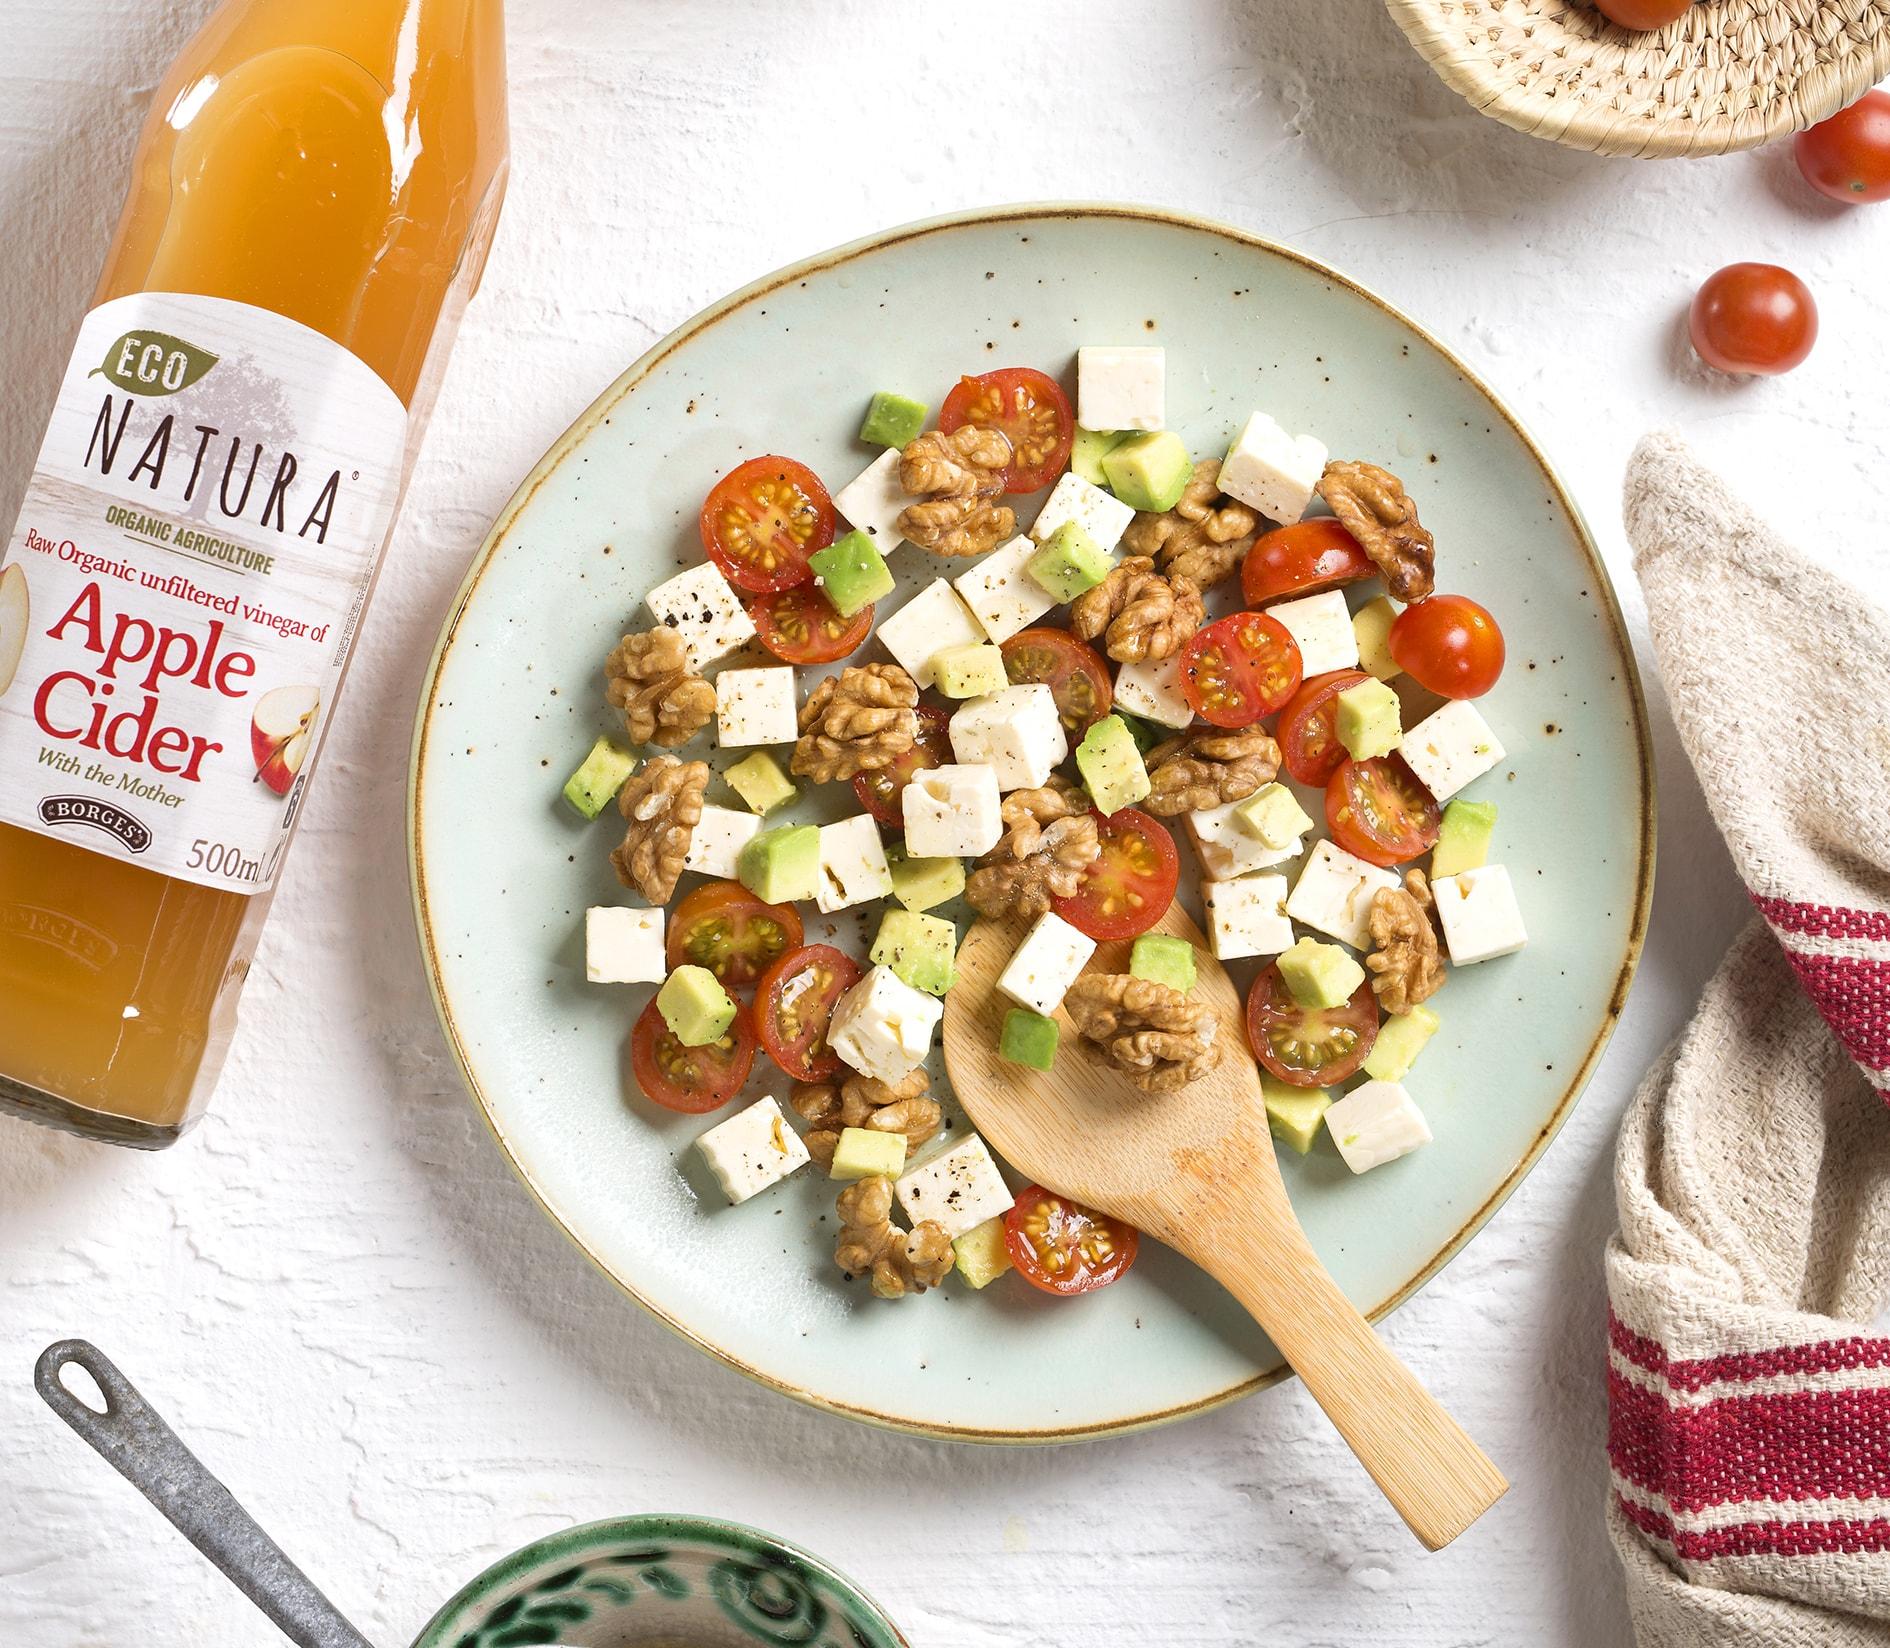 Šalát zo syru, avokáda, vlašských orechov a octu z jablkového cideru